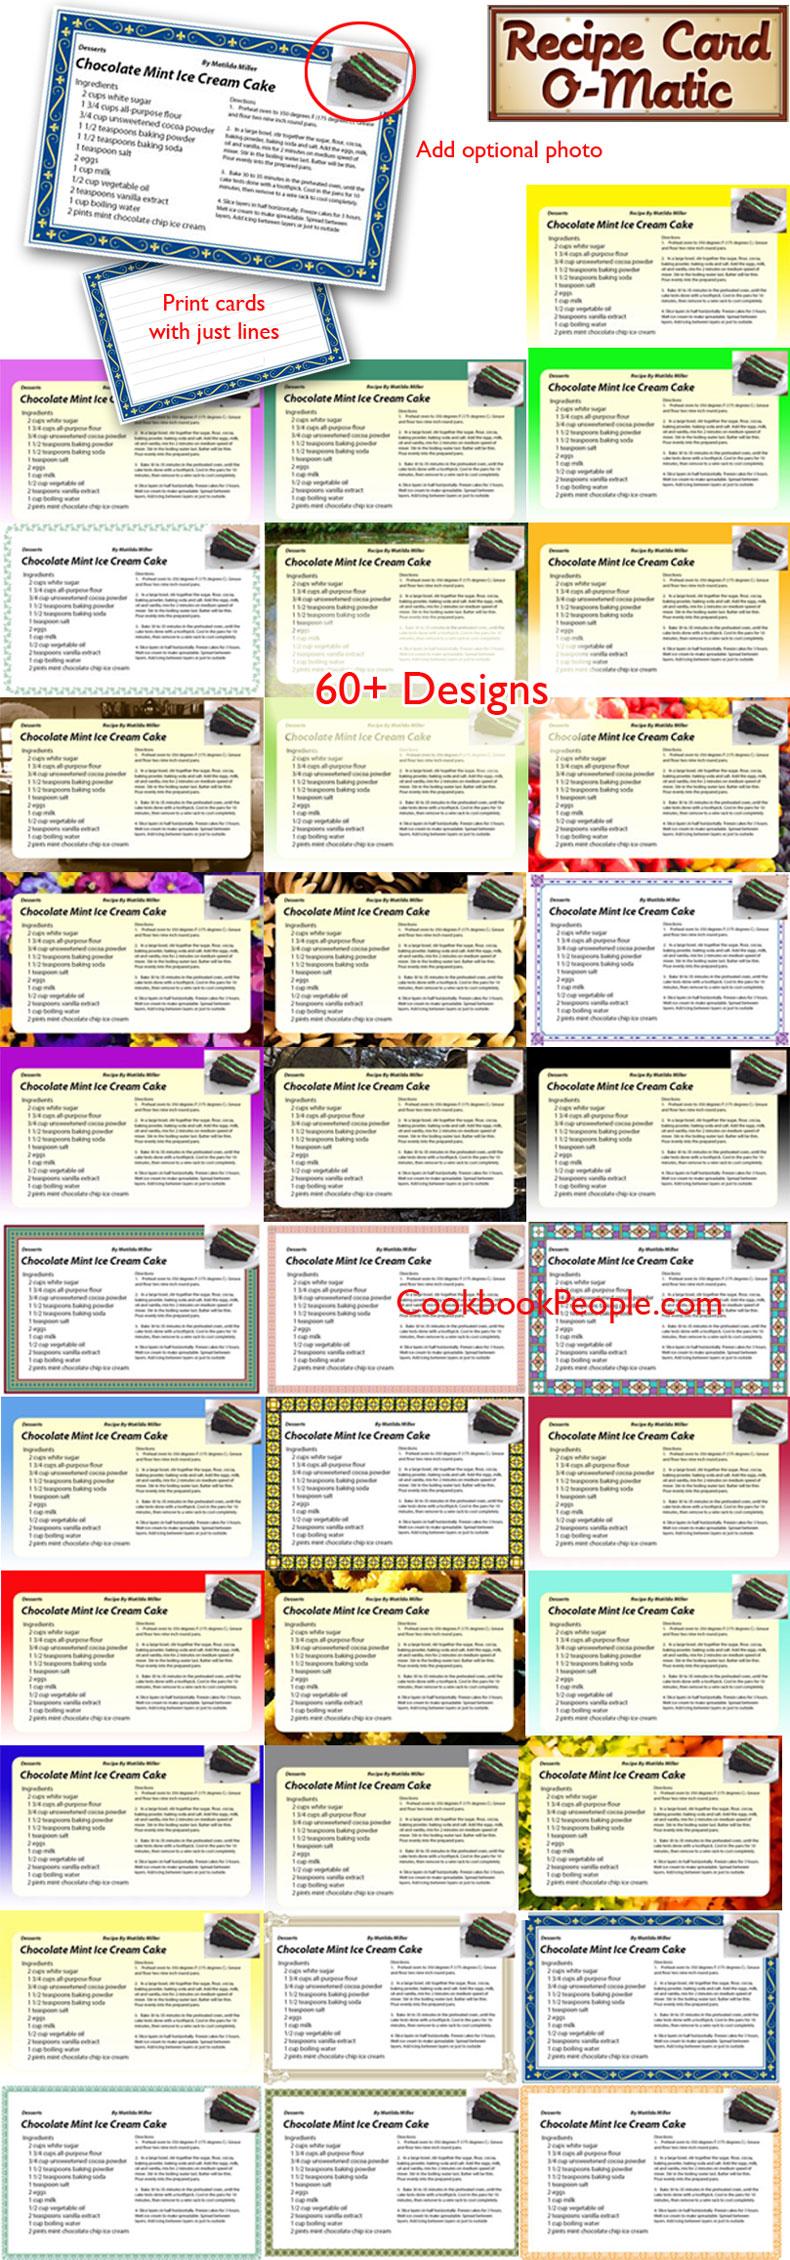 6 best images of printable cookbook templates cookbook recipe page template cookbook template. Black Bedroom Furniture Sets. Home Design Ideas